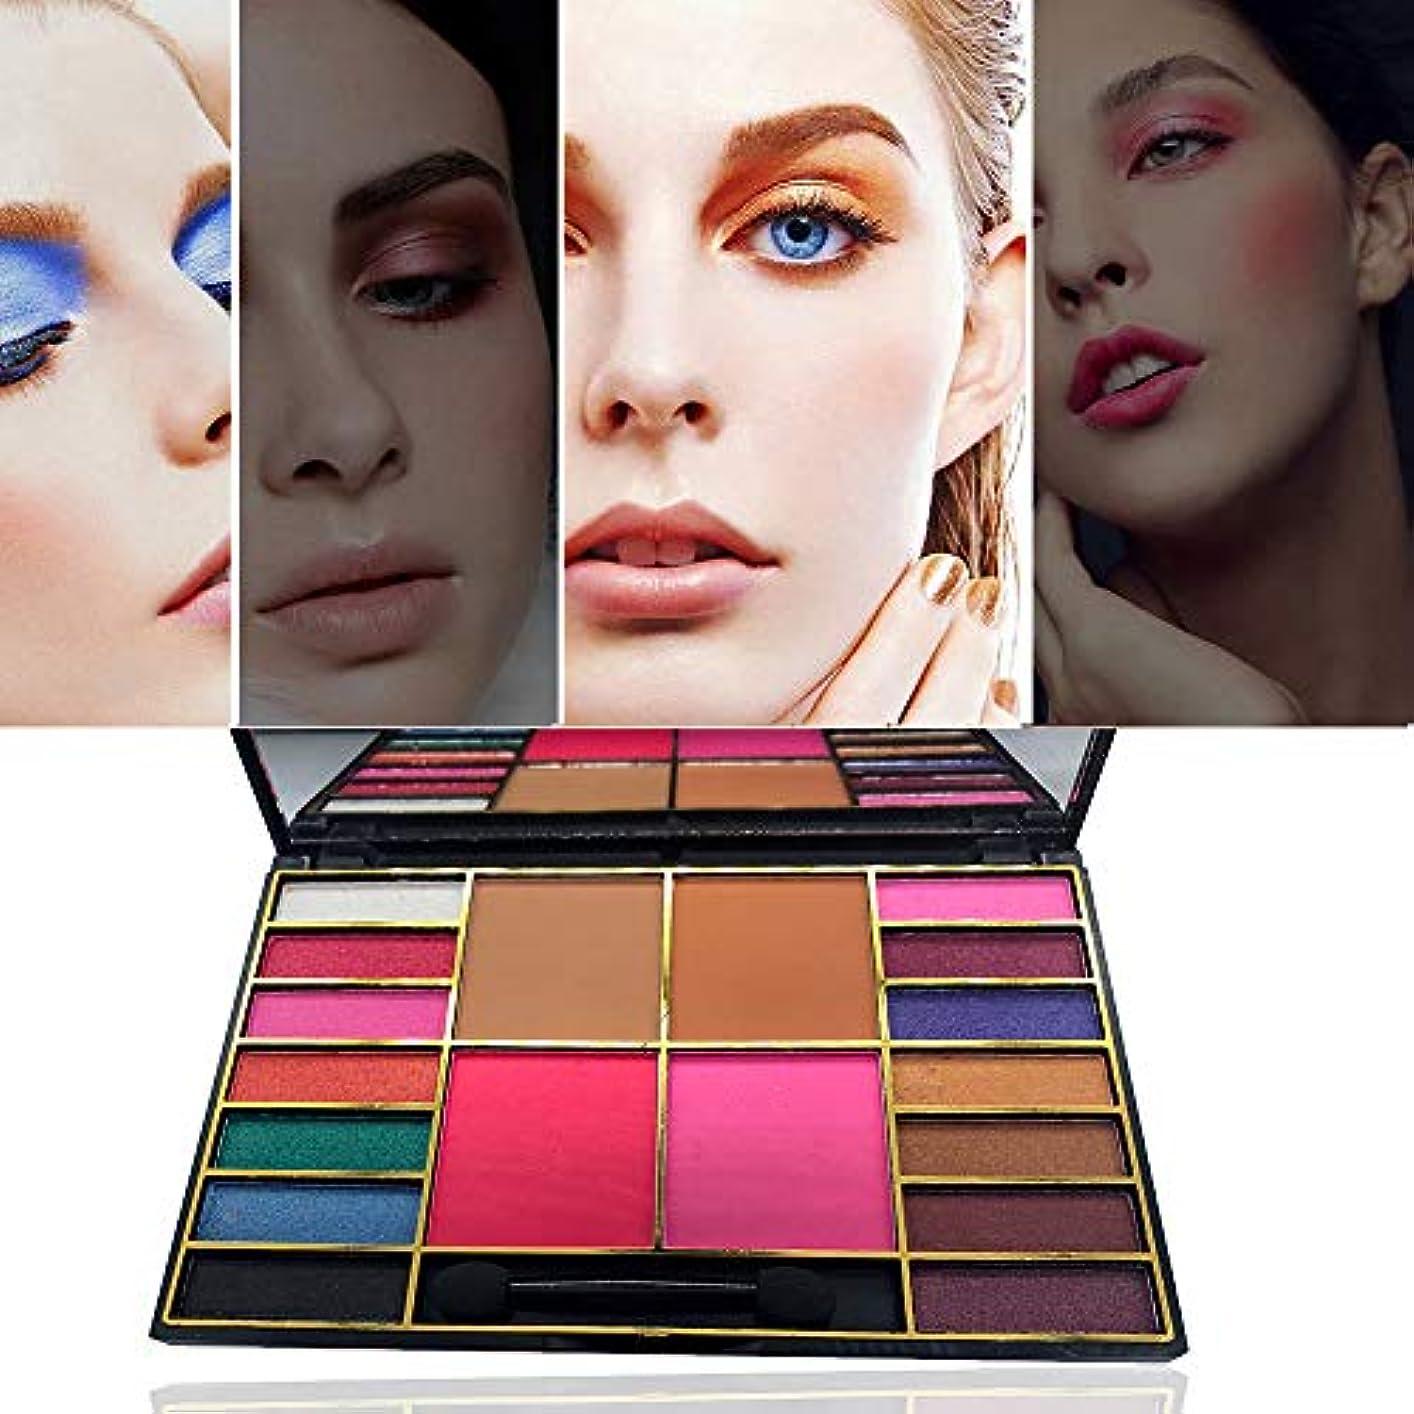 バスルームスリンクものAkane アイシャドウパレット GLAZZI 人気 ファッション 真珠光沢 つや消し 綺麗 欧米風 ゴージャス 日本人肌に合う マット 持ち便利 Eye Shadow (18色) GZ8040036B